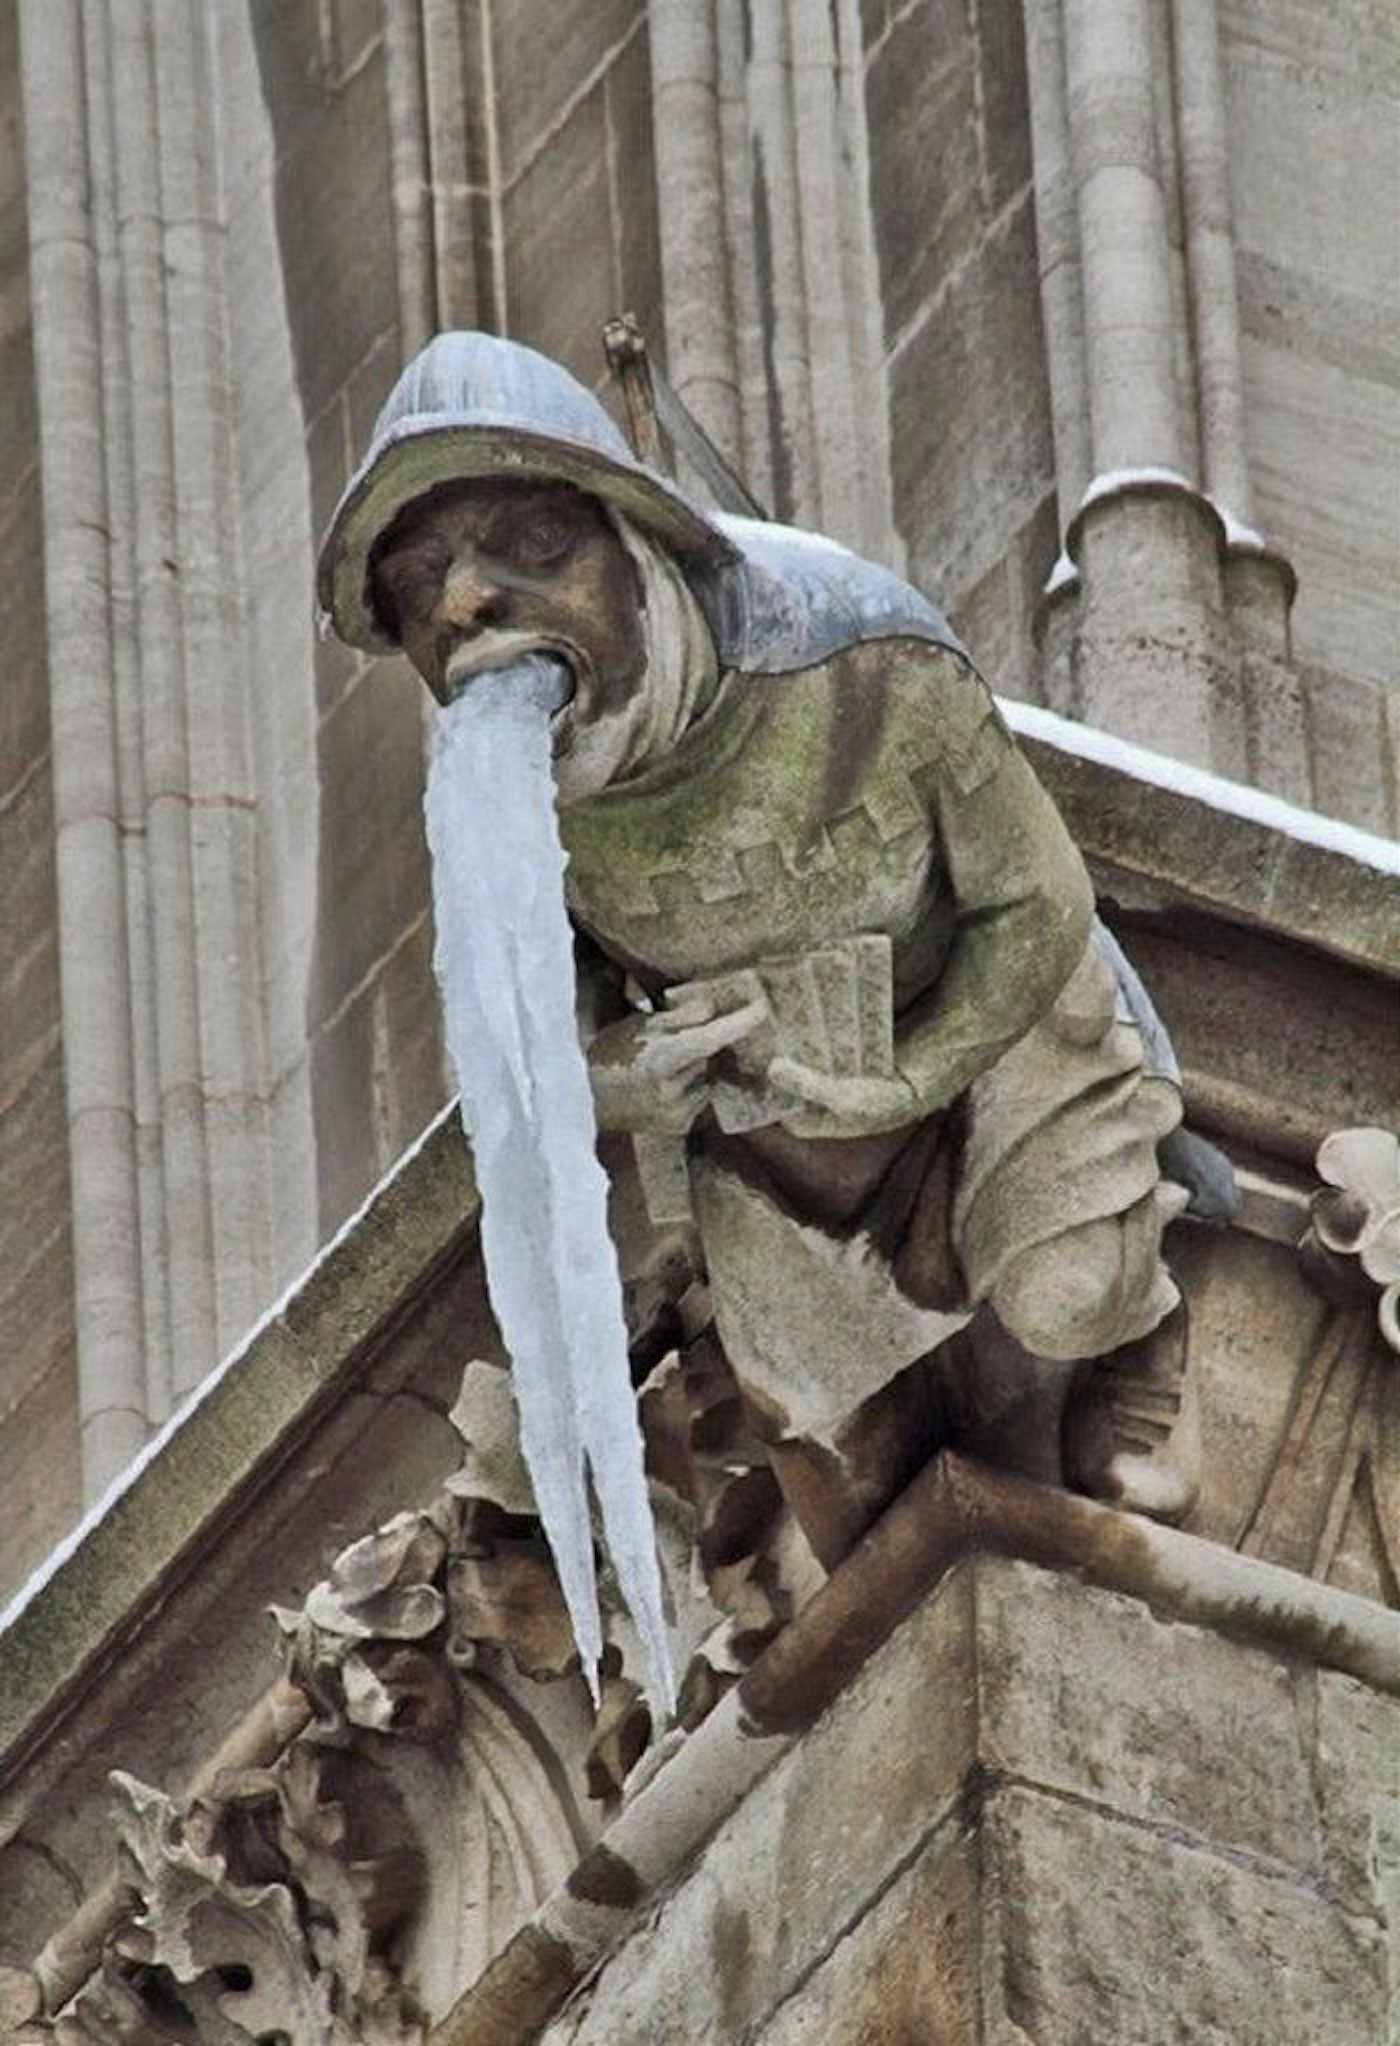 Кто такая Горгулья и для чего она нужна.  Средневековый юмор в архитектуре западной Европы, смешные фото горгулий. Забавные и смешные фото горгулий на зданиях и в архитектуре средневековой западной Европы. Для чего были нужны гаргульи, кто они такие и что за существа